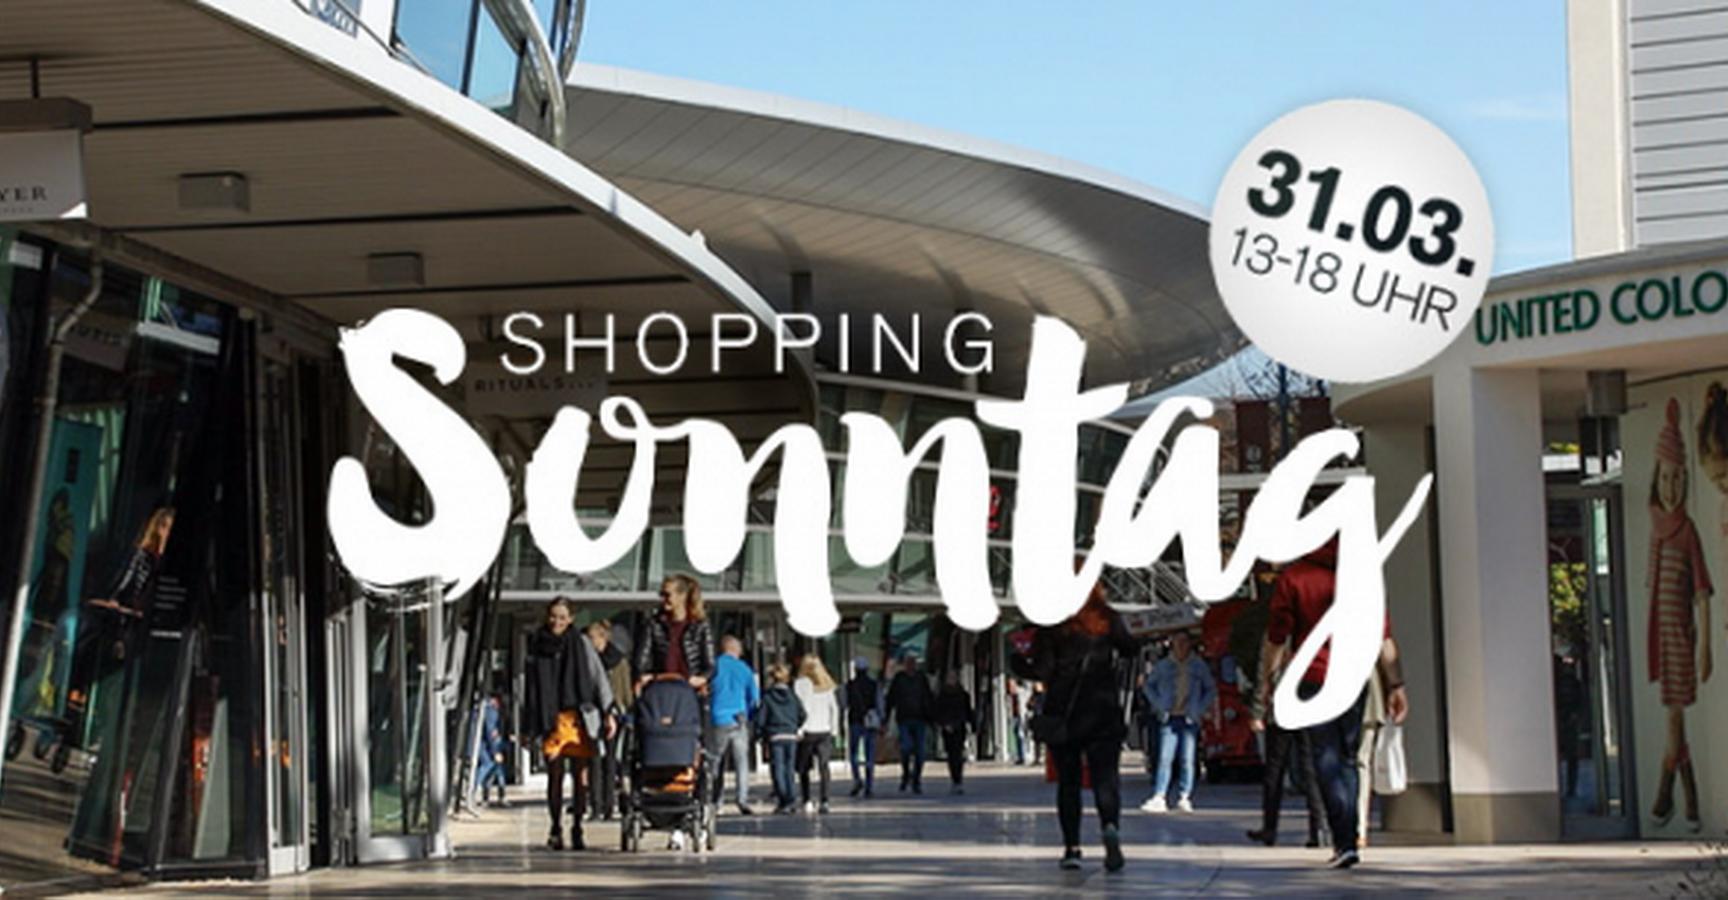 edc90df438d6f6 Shopping Sonntag mit der Wolfsburger Innenstadt am Sonntag